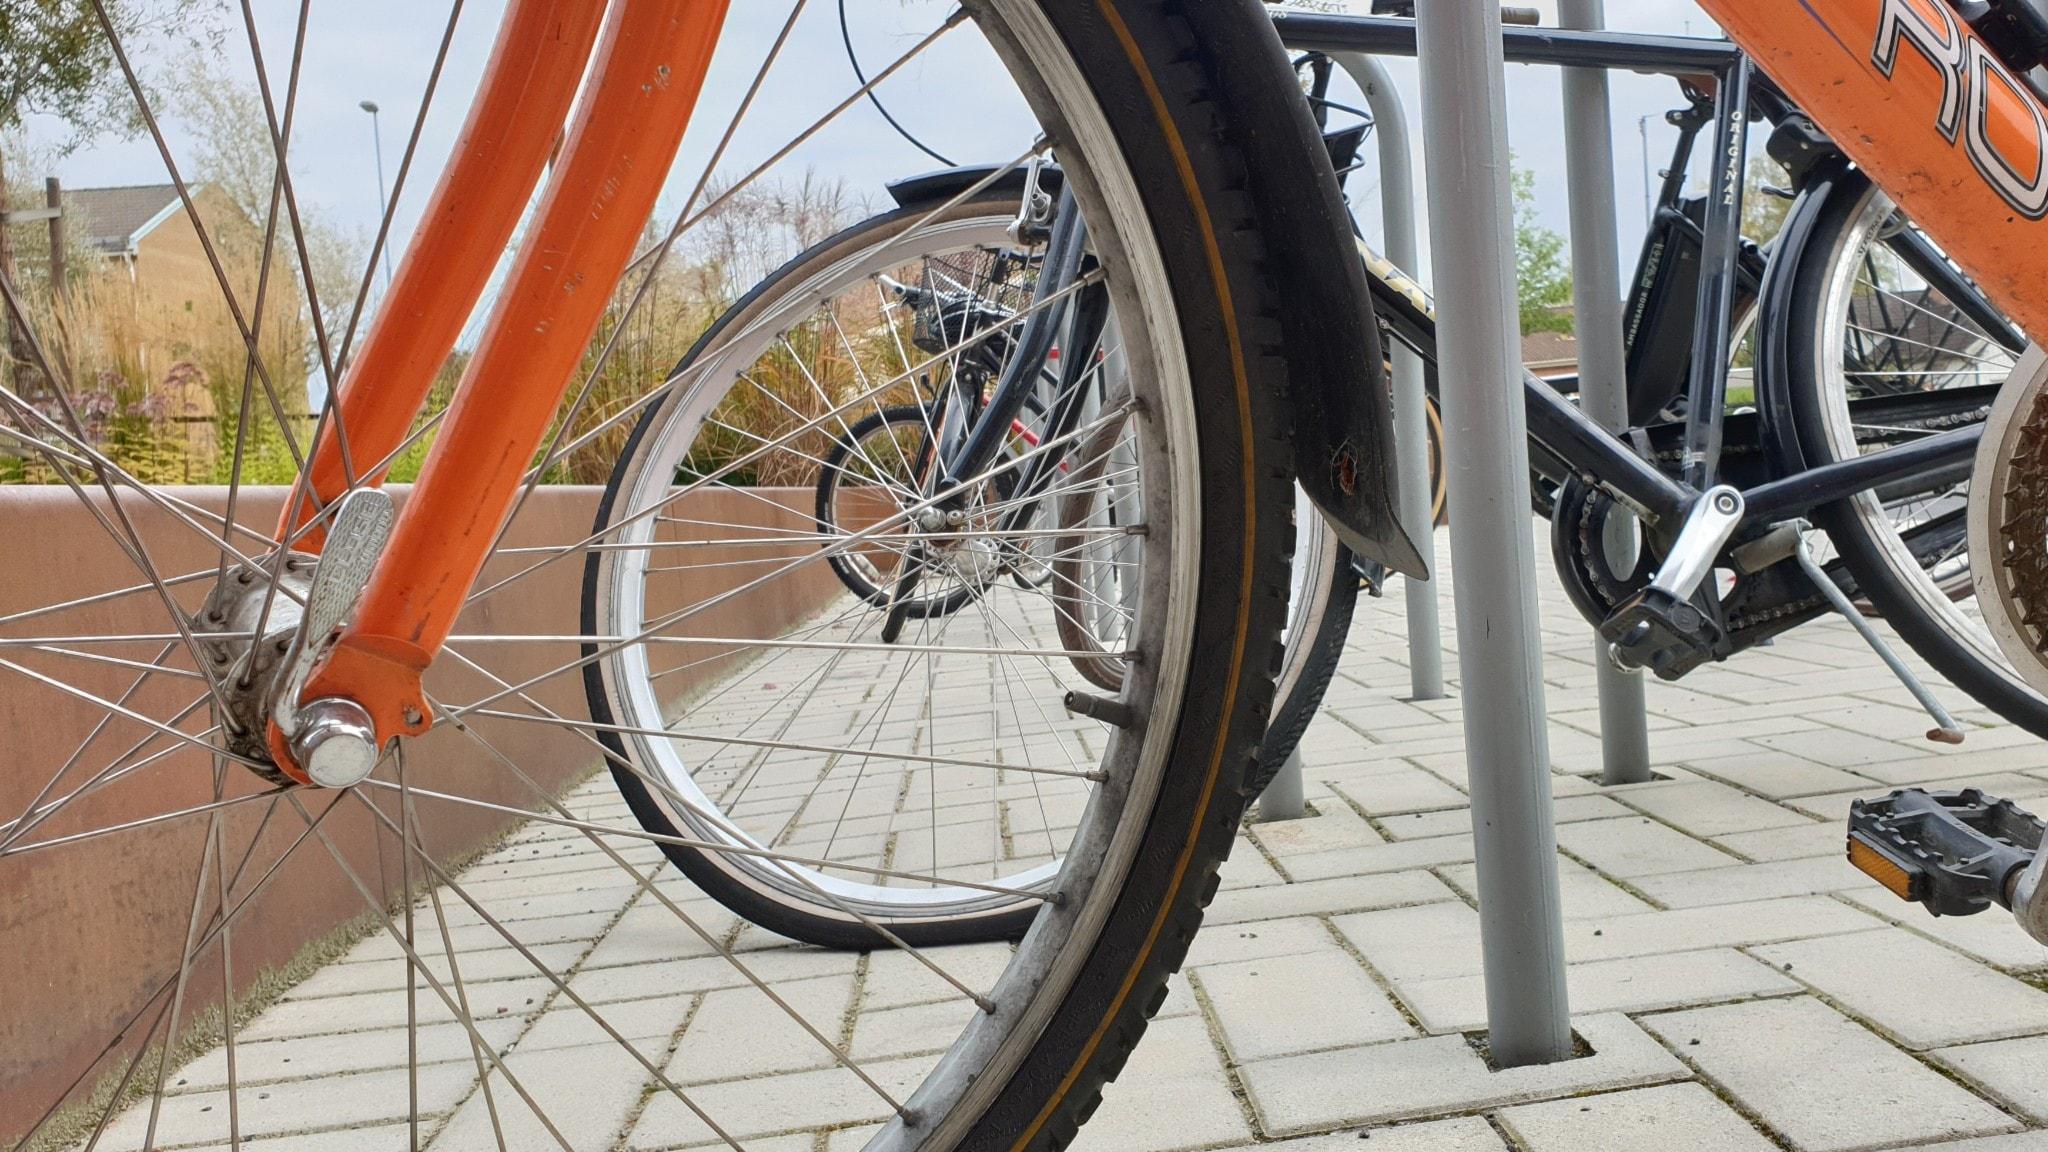 Närbild på cyklar vid cykelställ.